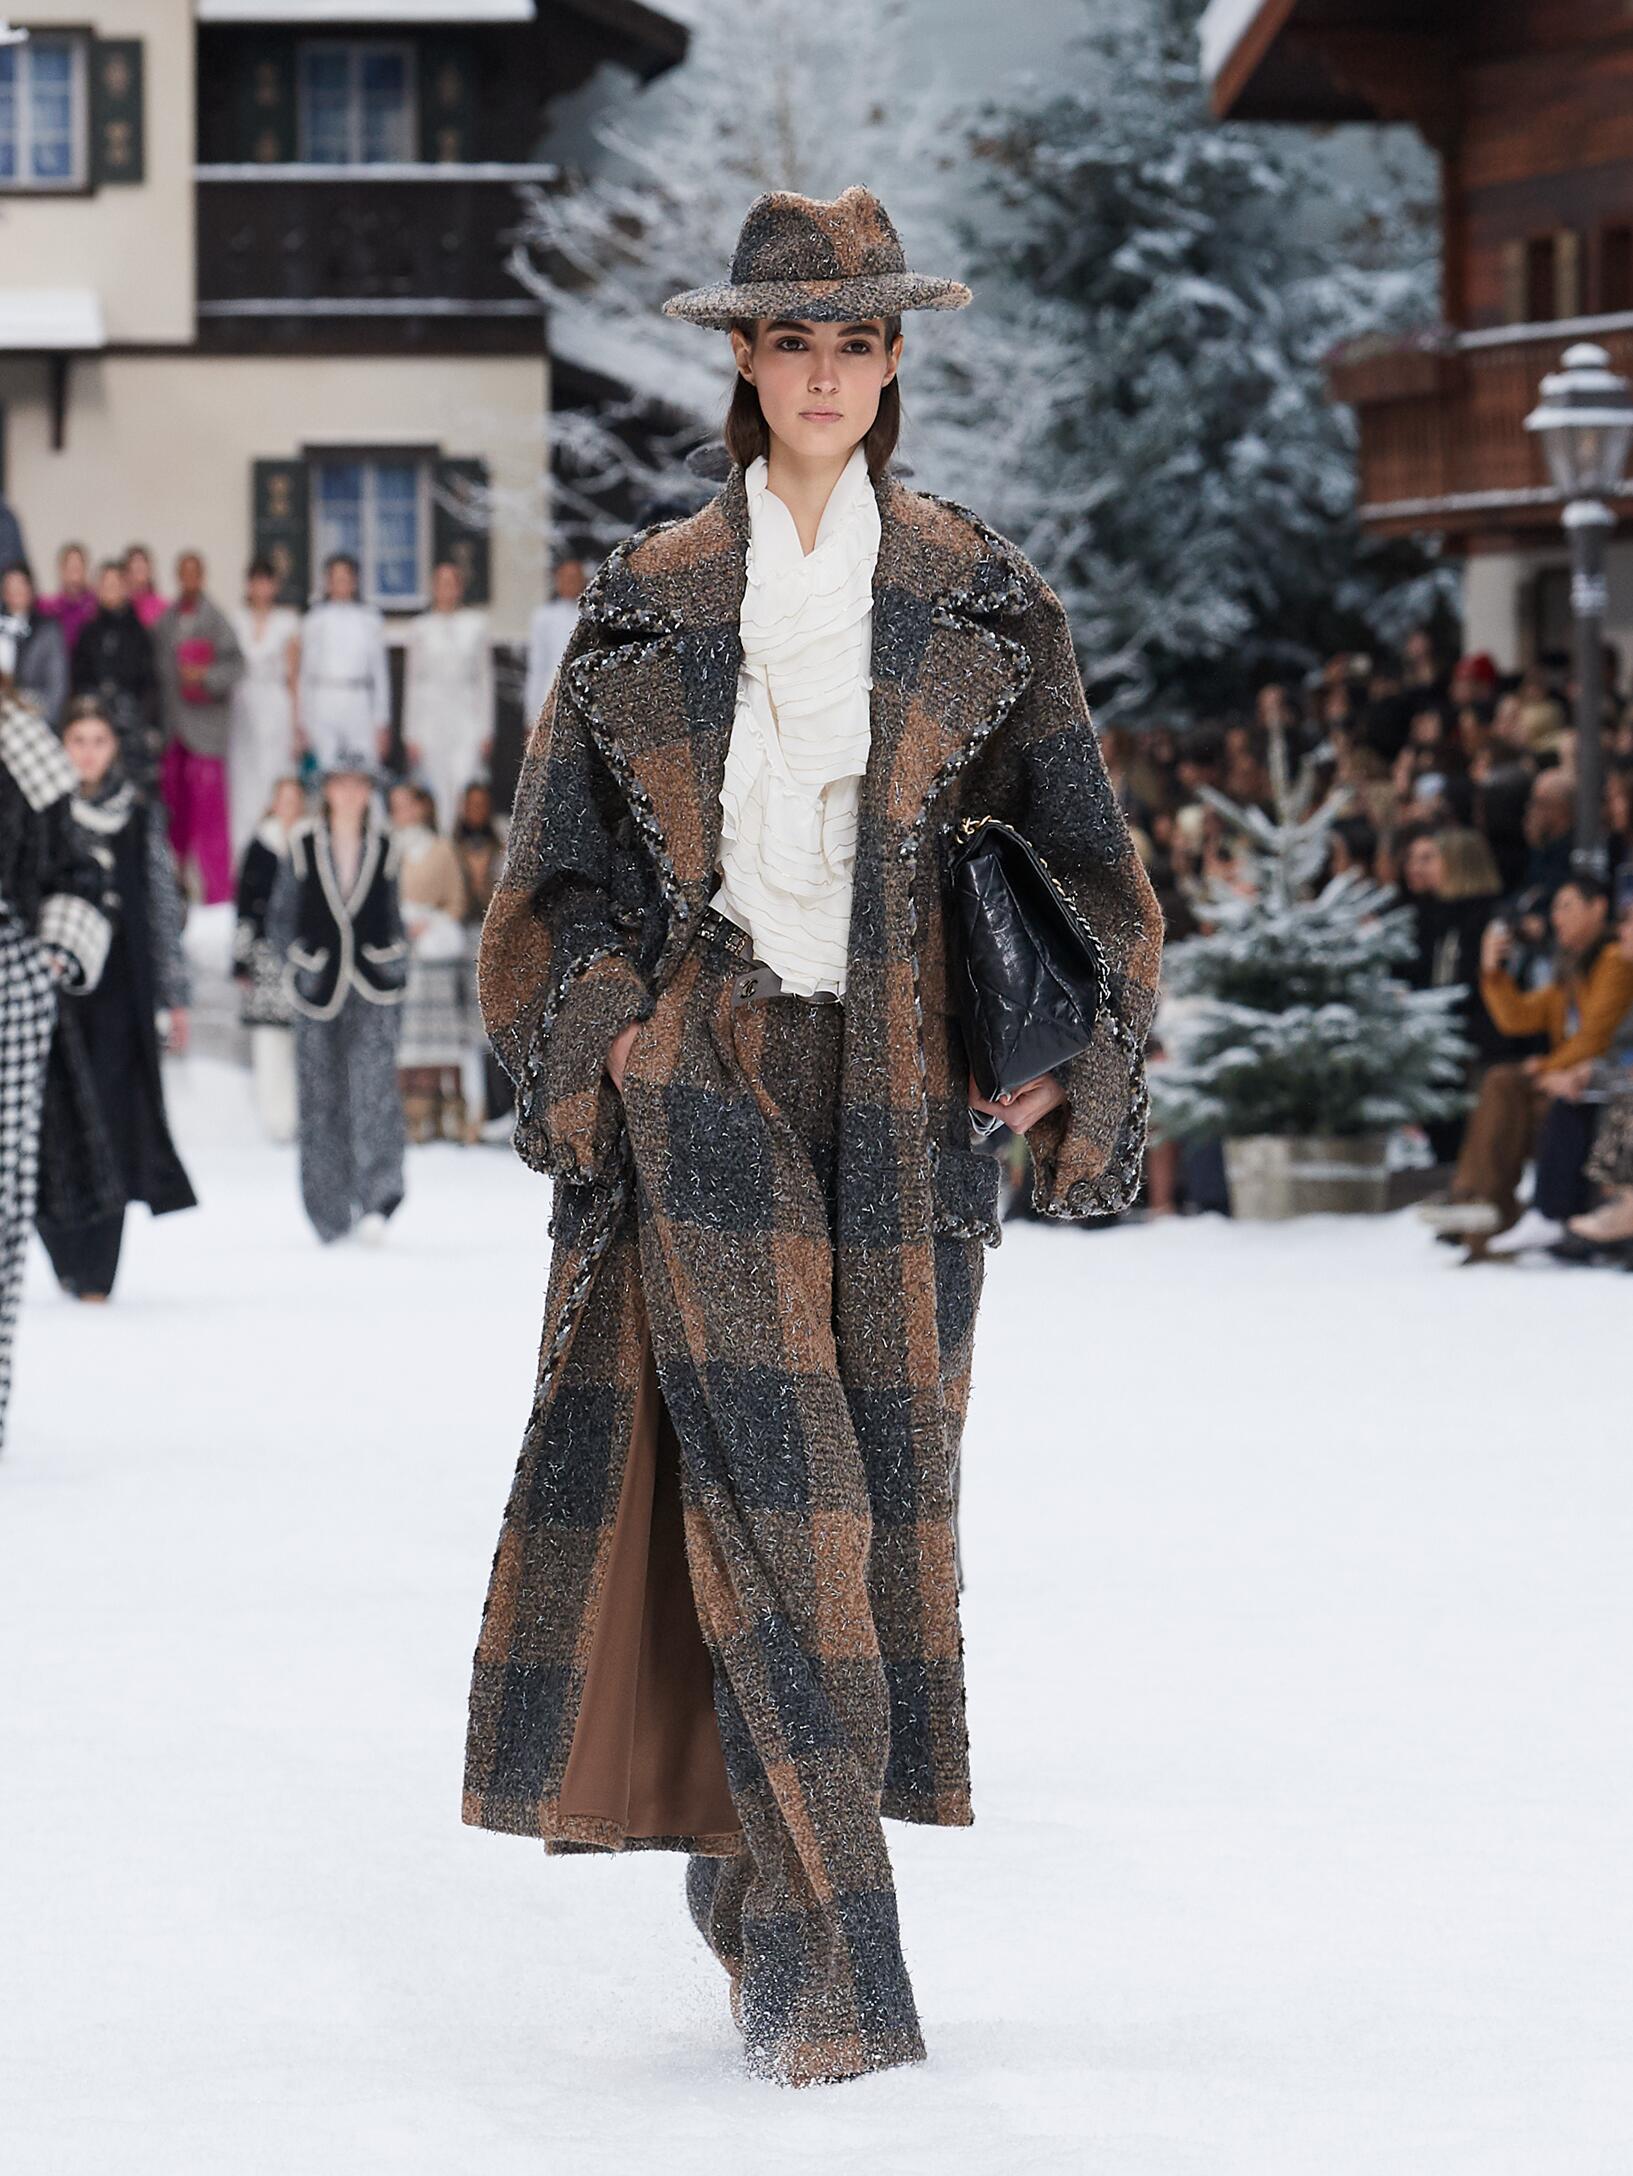 FW 2019-20 Fashion Show Chanel